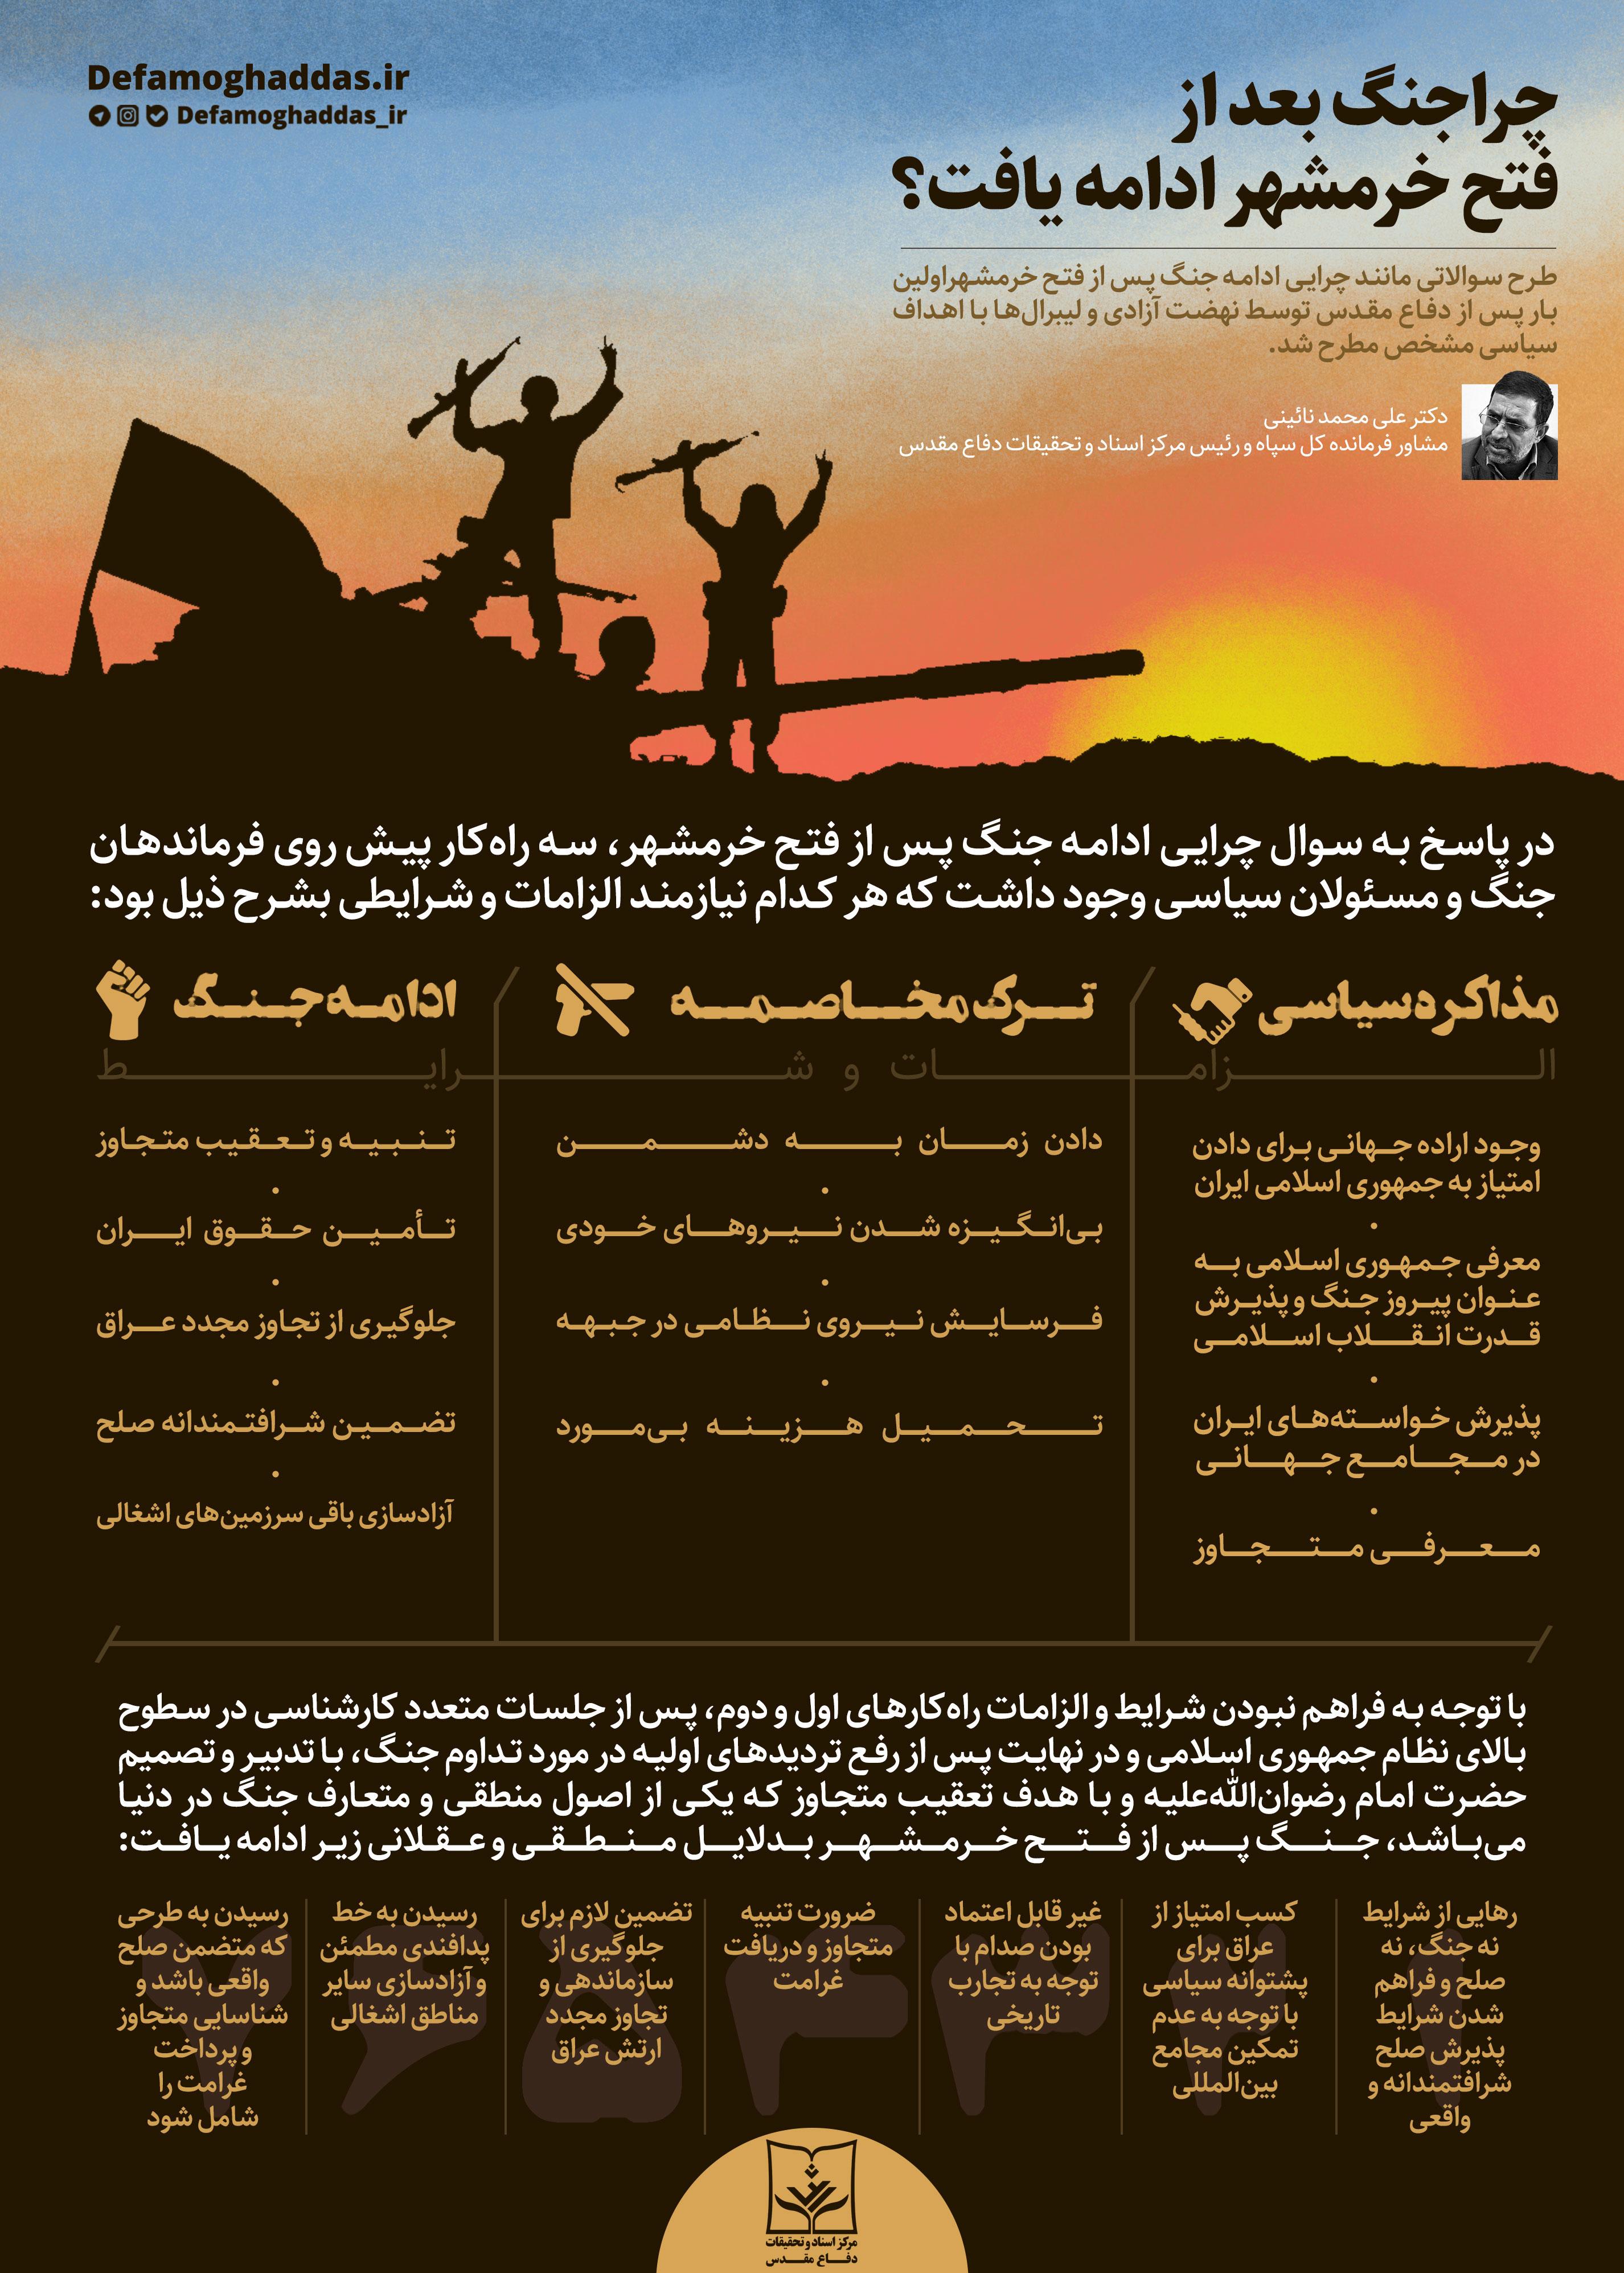 دادهنما/ چرا پس از آزادسازی خرمشهر جنگ ادامه پیدا کرد؟